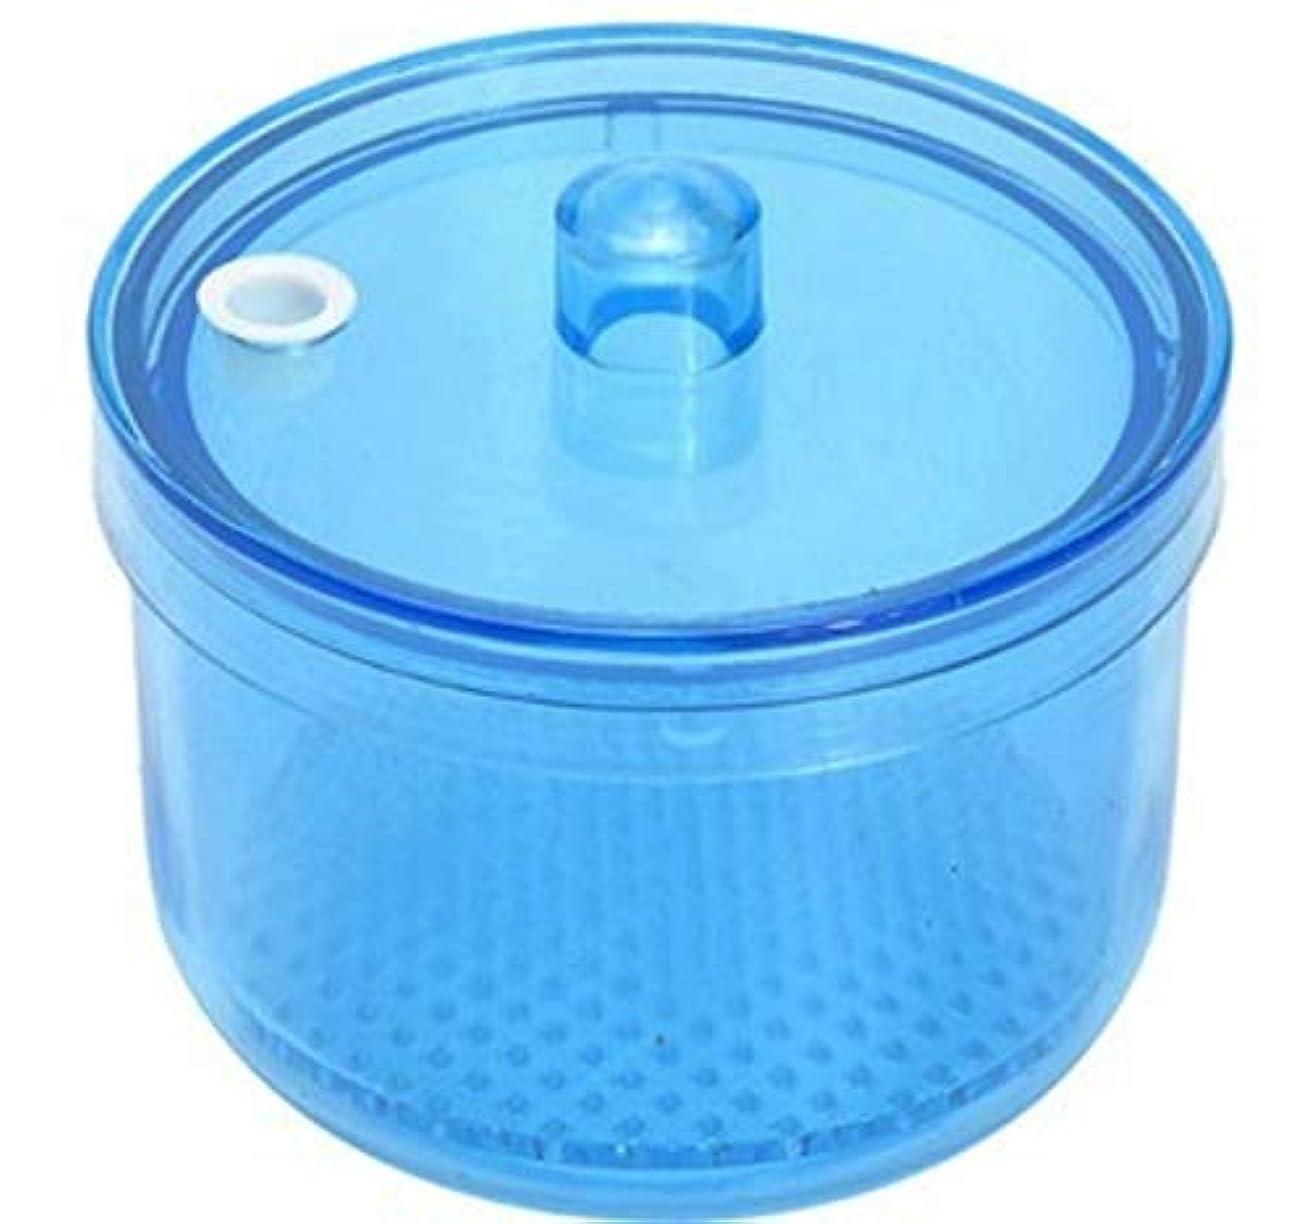 贅沢ステーキ木曜日MOFF 入れ歯洗浄ケース ポット 網付き リテーナーボックス デンタルケース 高温高圧殺菌 洗浄剤対応可能 耐熱温度134度 シンプル (ブルー)